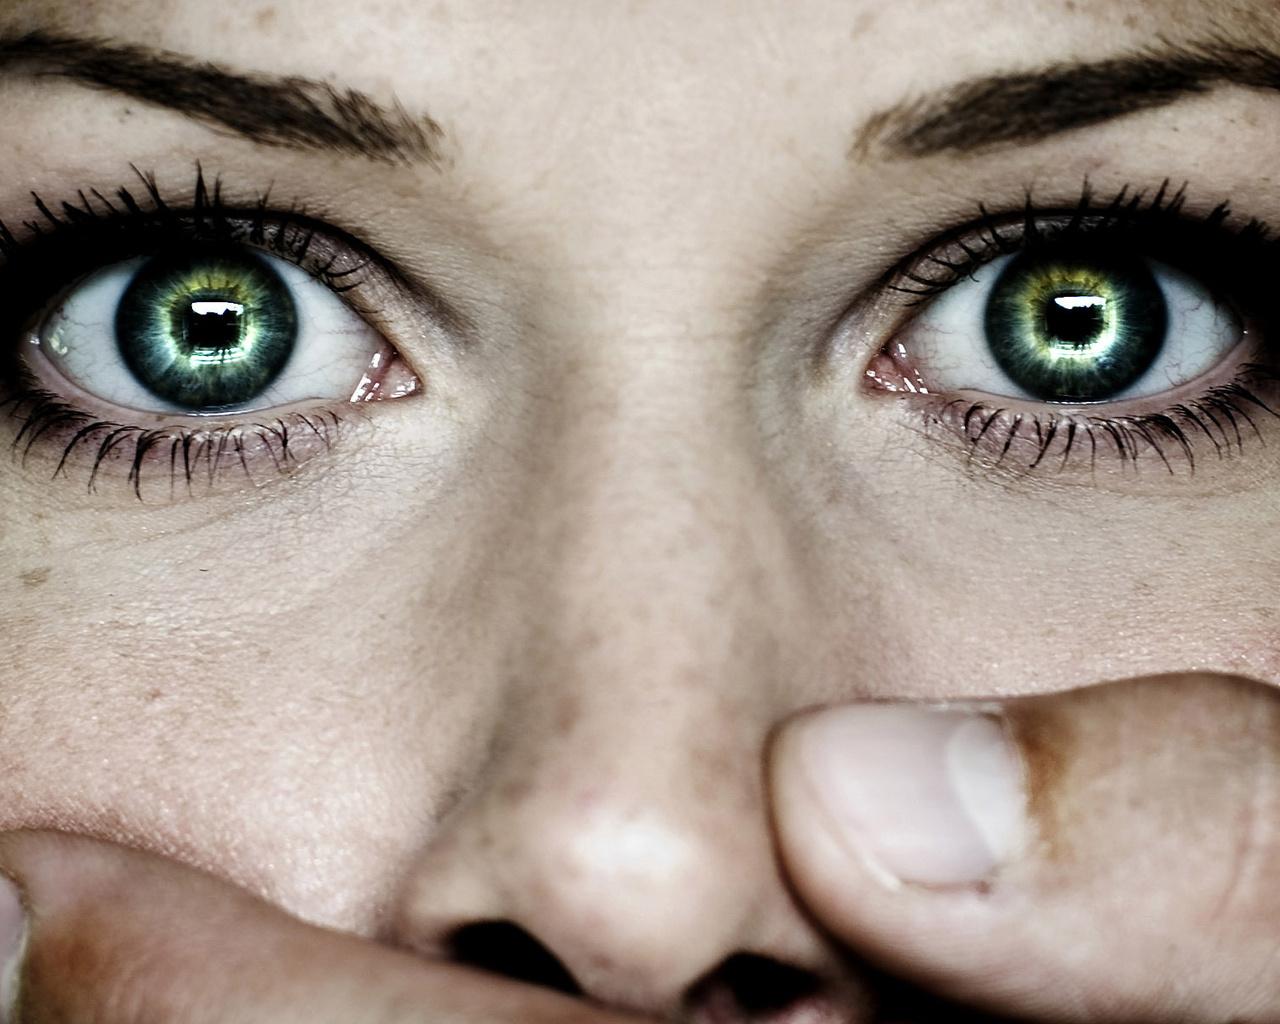 Глаза испуганной девушки